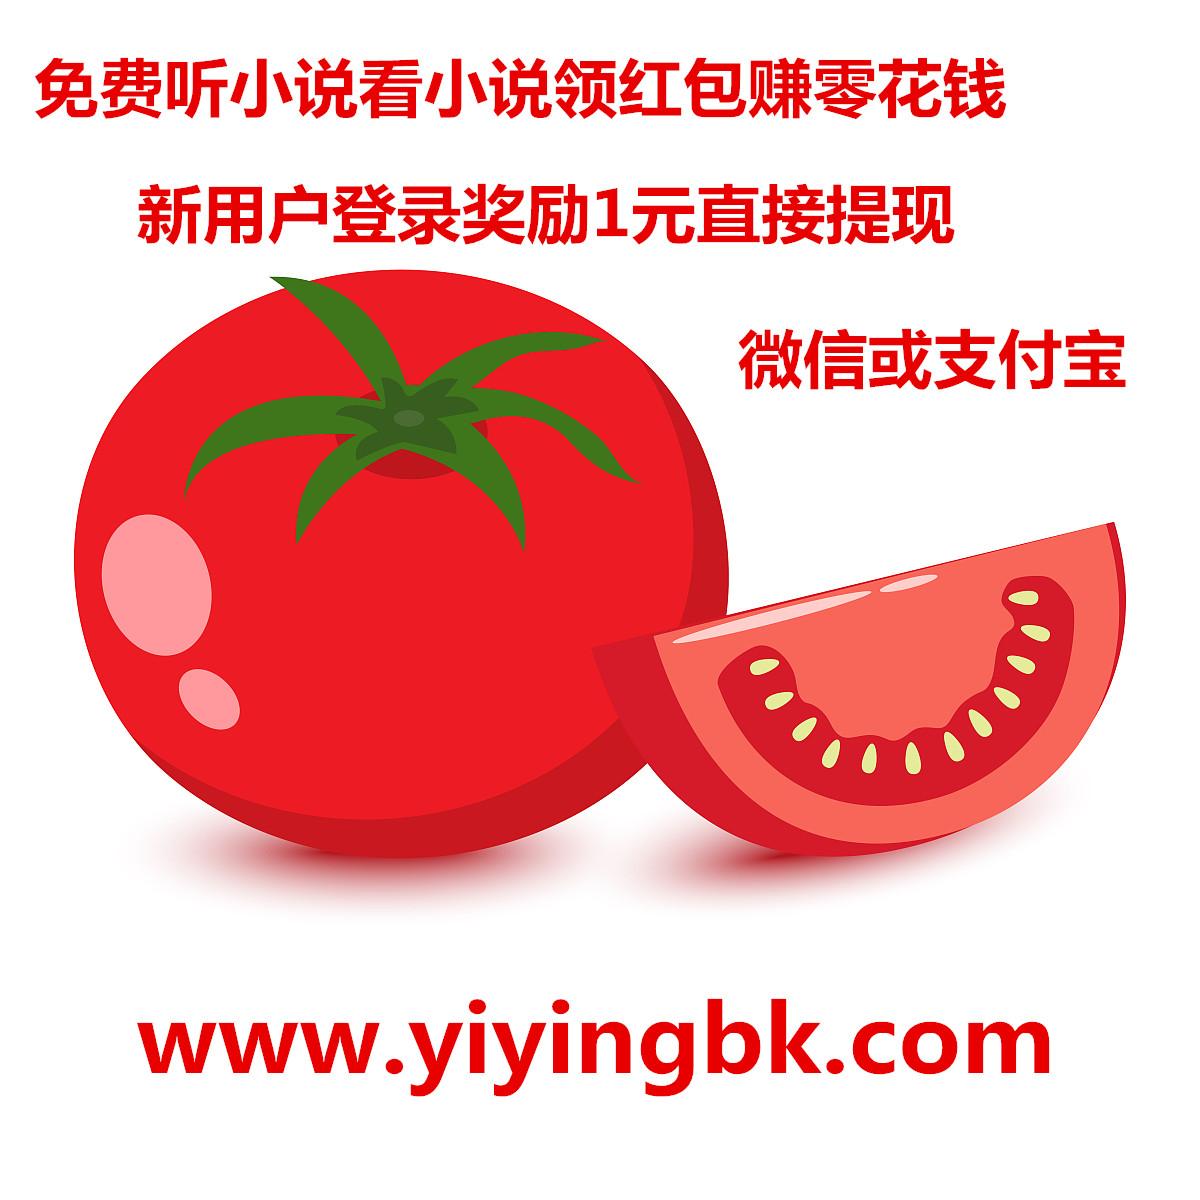 好看的番茄,www.yiyingbk.com